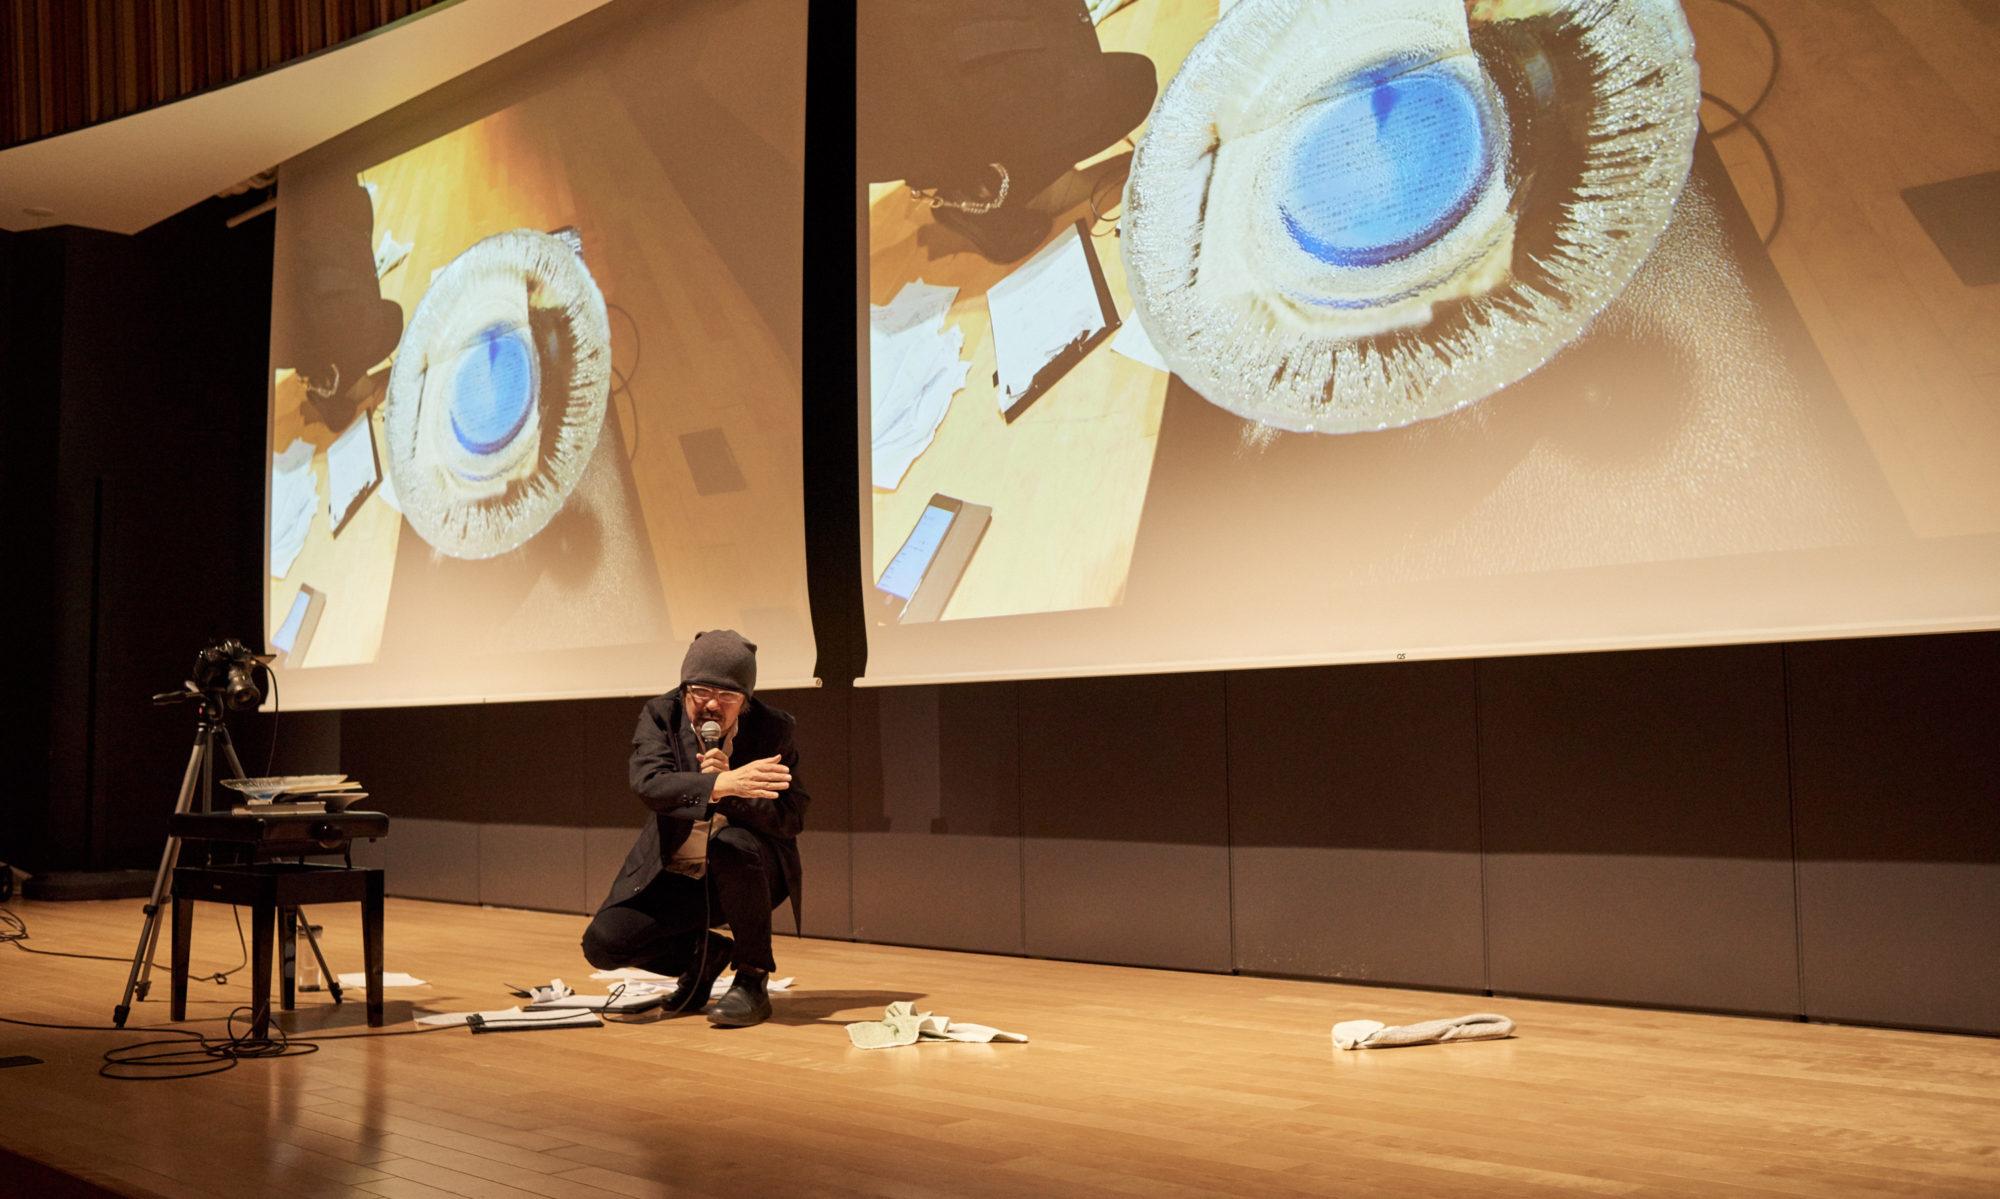 作家デビュー20周年×公式ウェブサイト『古川日出男のむかしとミライ』